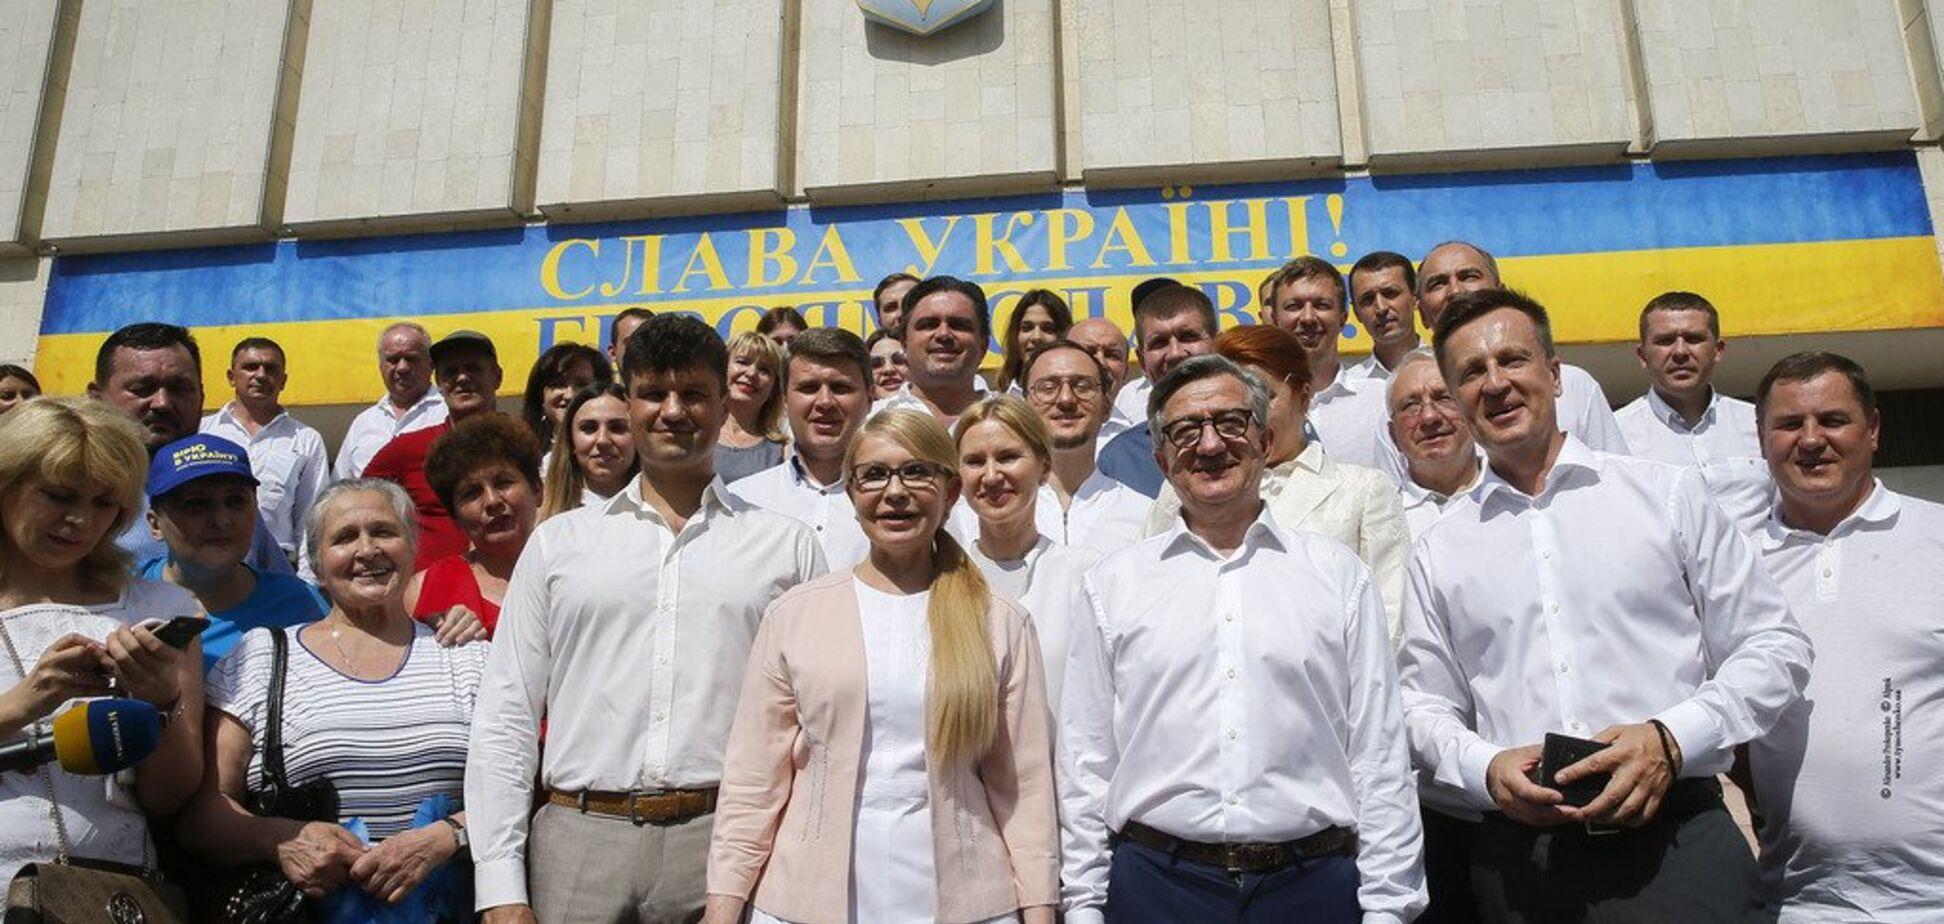 Тимошенко: ми йдемо до парламенту, щоб забезпечити результат за 100 днів